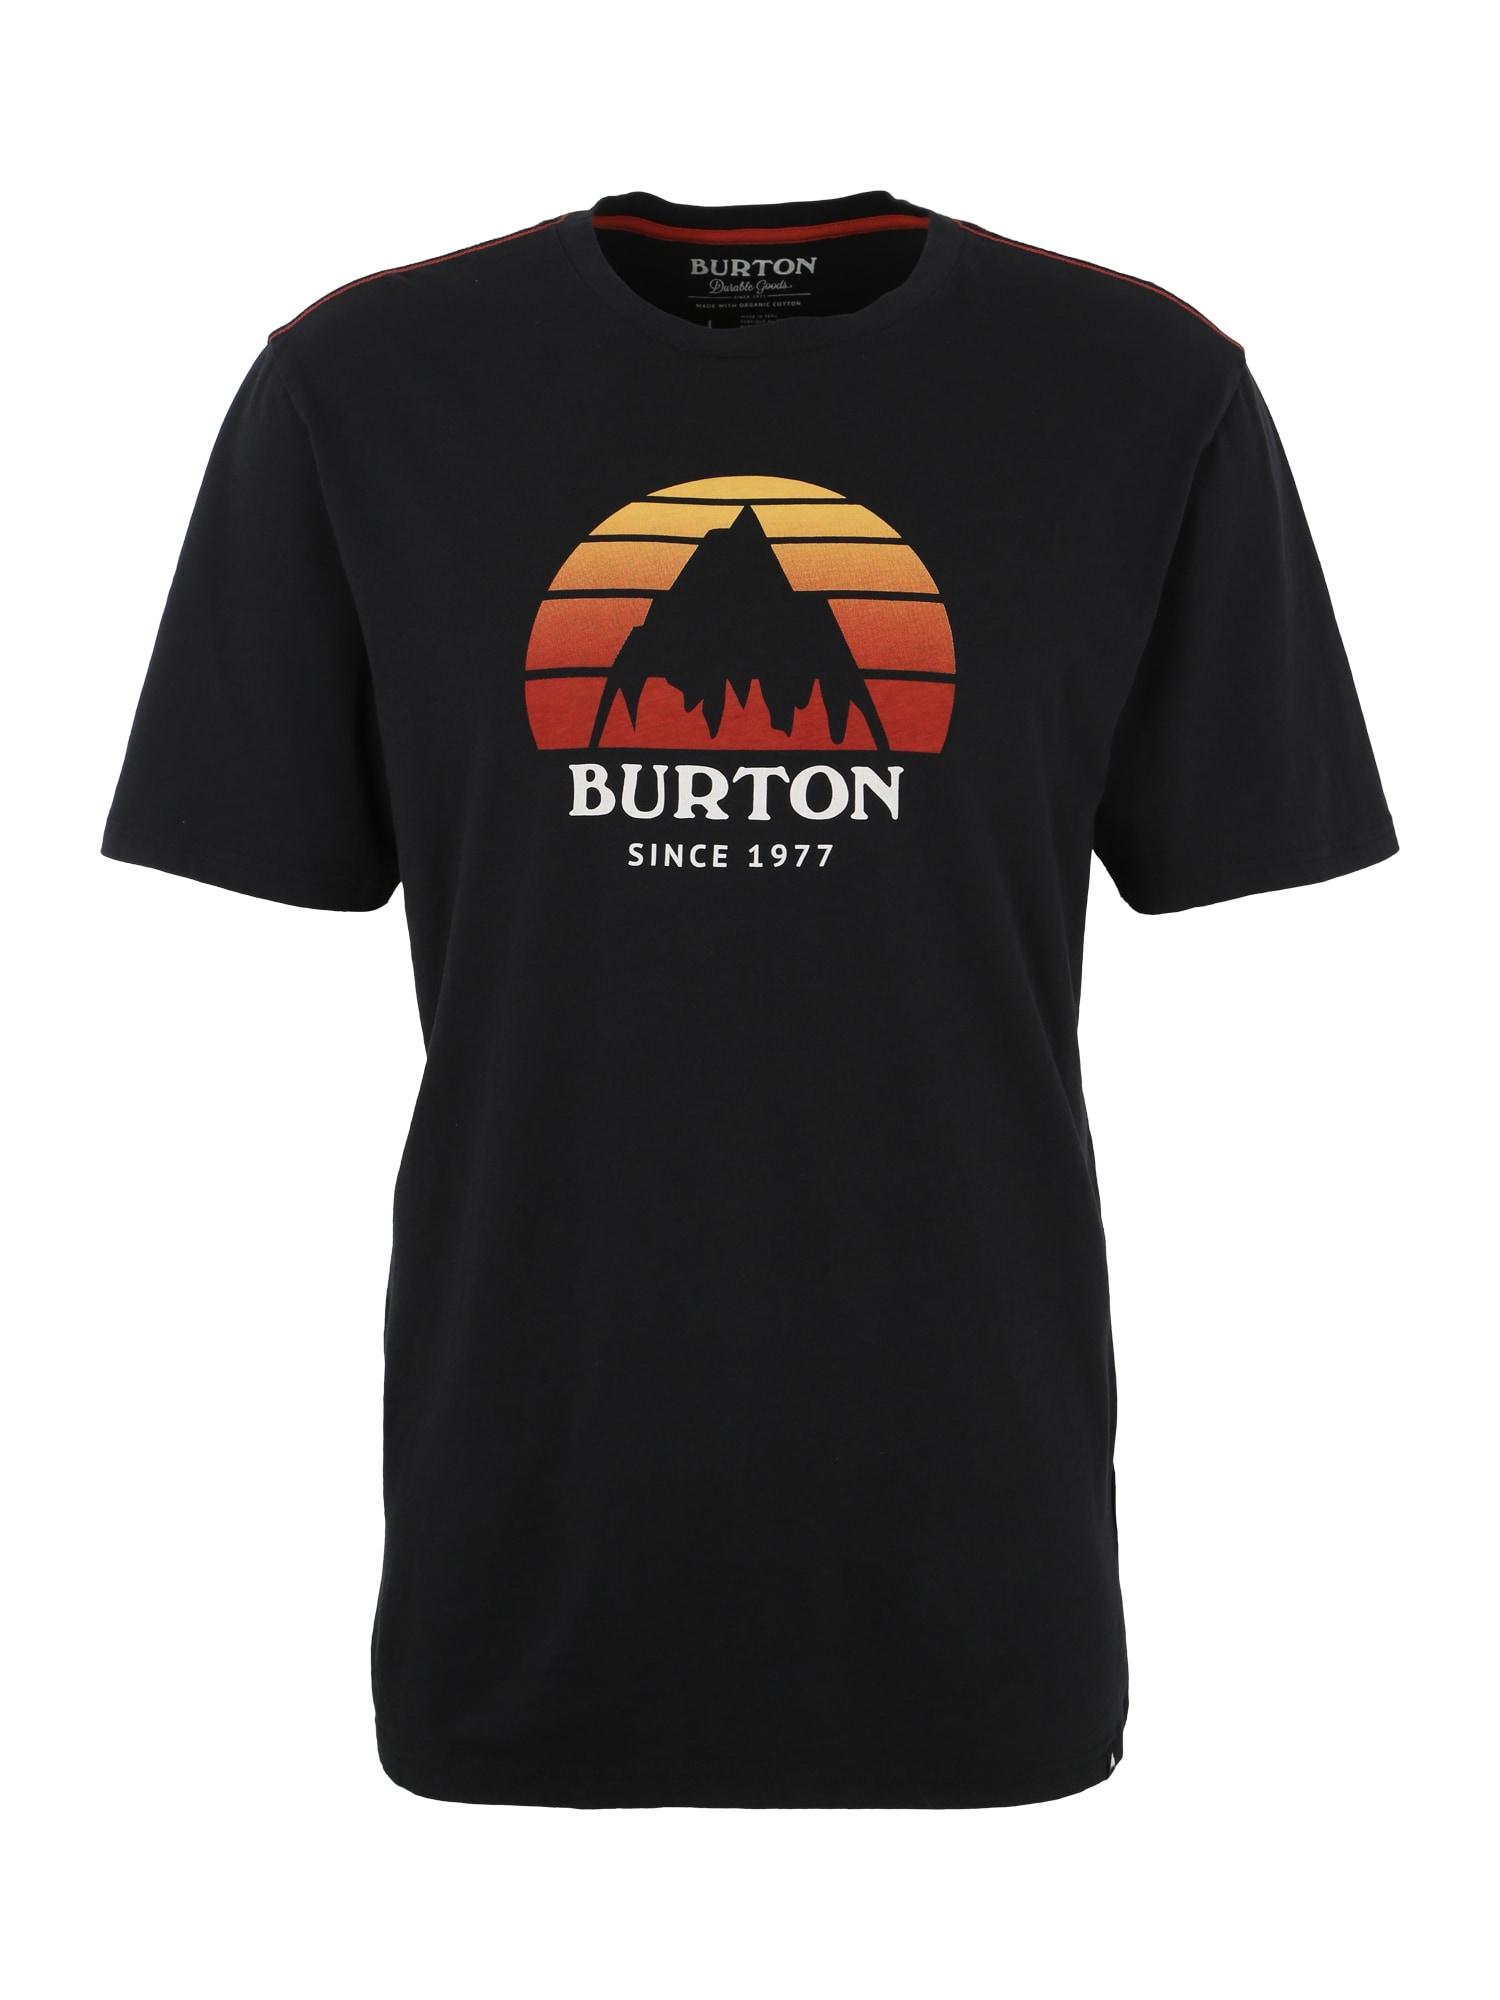 Funkční tričko Underhill jasně oranžová oranžově červená černá bílá BURTON